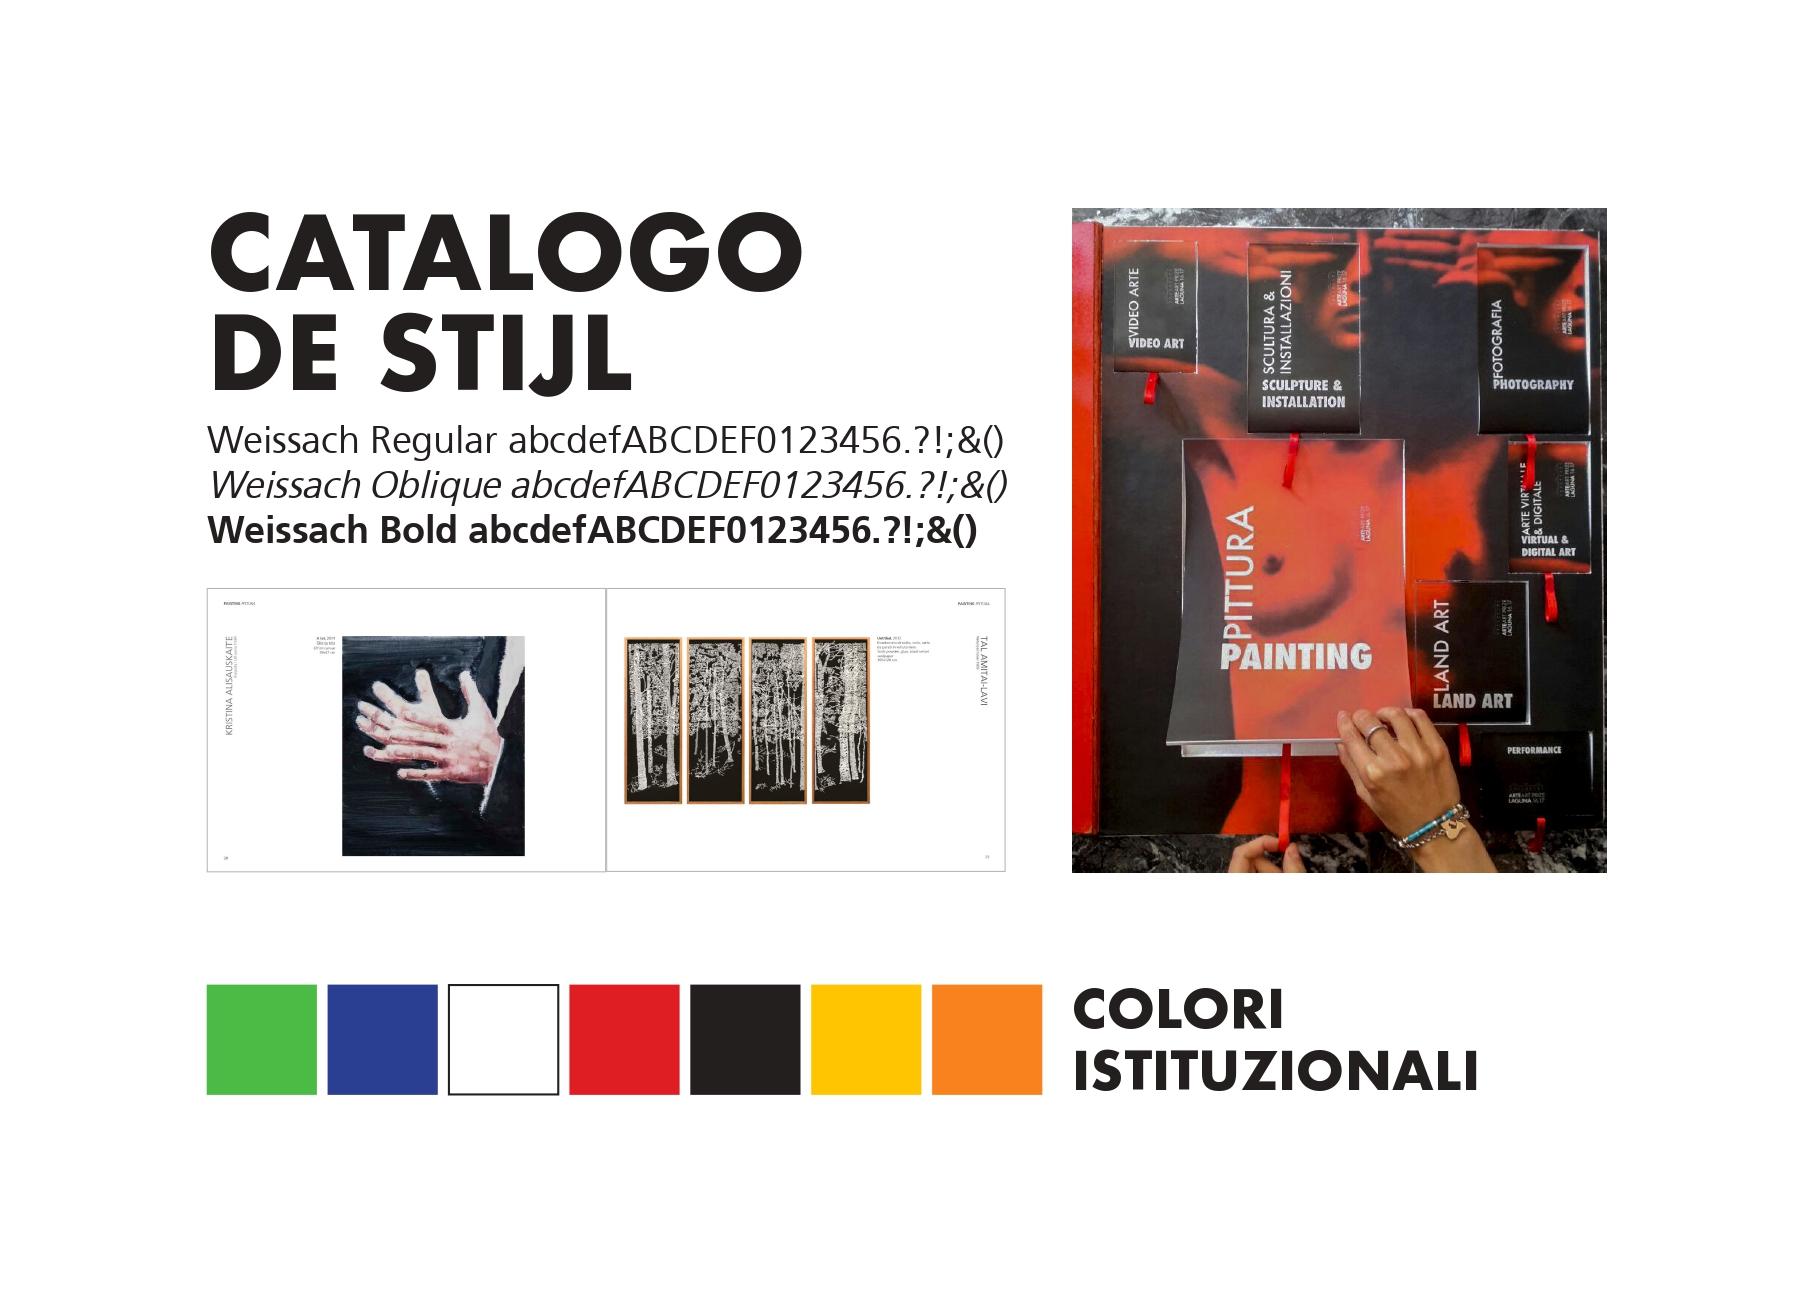 Arte Laguna Antonio Polato 2017 De Stijl Catalogo De Stijl